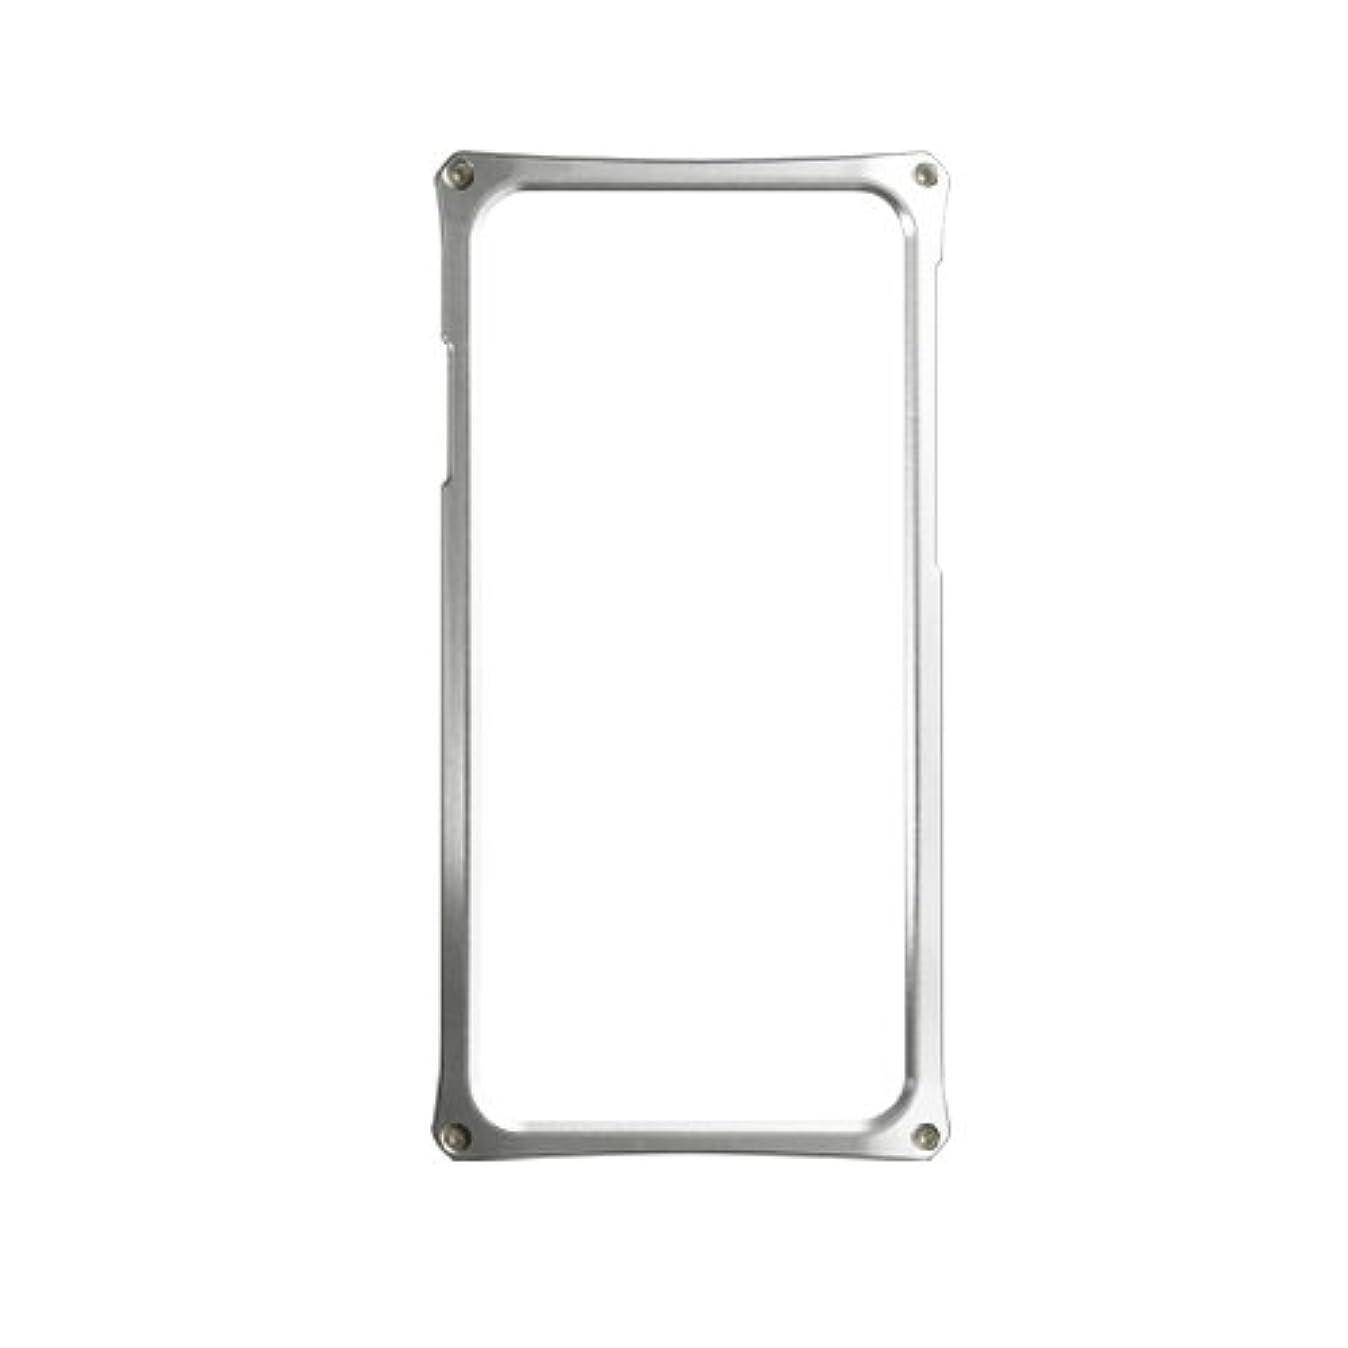 ペレグリネーション講堂終点Abee アビー Apple iPhone 6 Plus 専用アルミジャケット 化研アルマイト 日本製 AJ-6PX01-SK シルバー